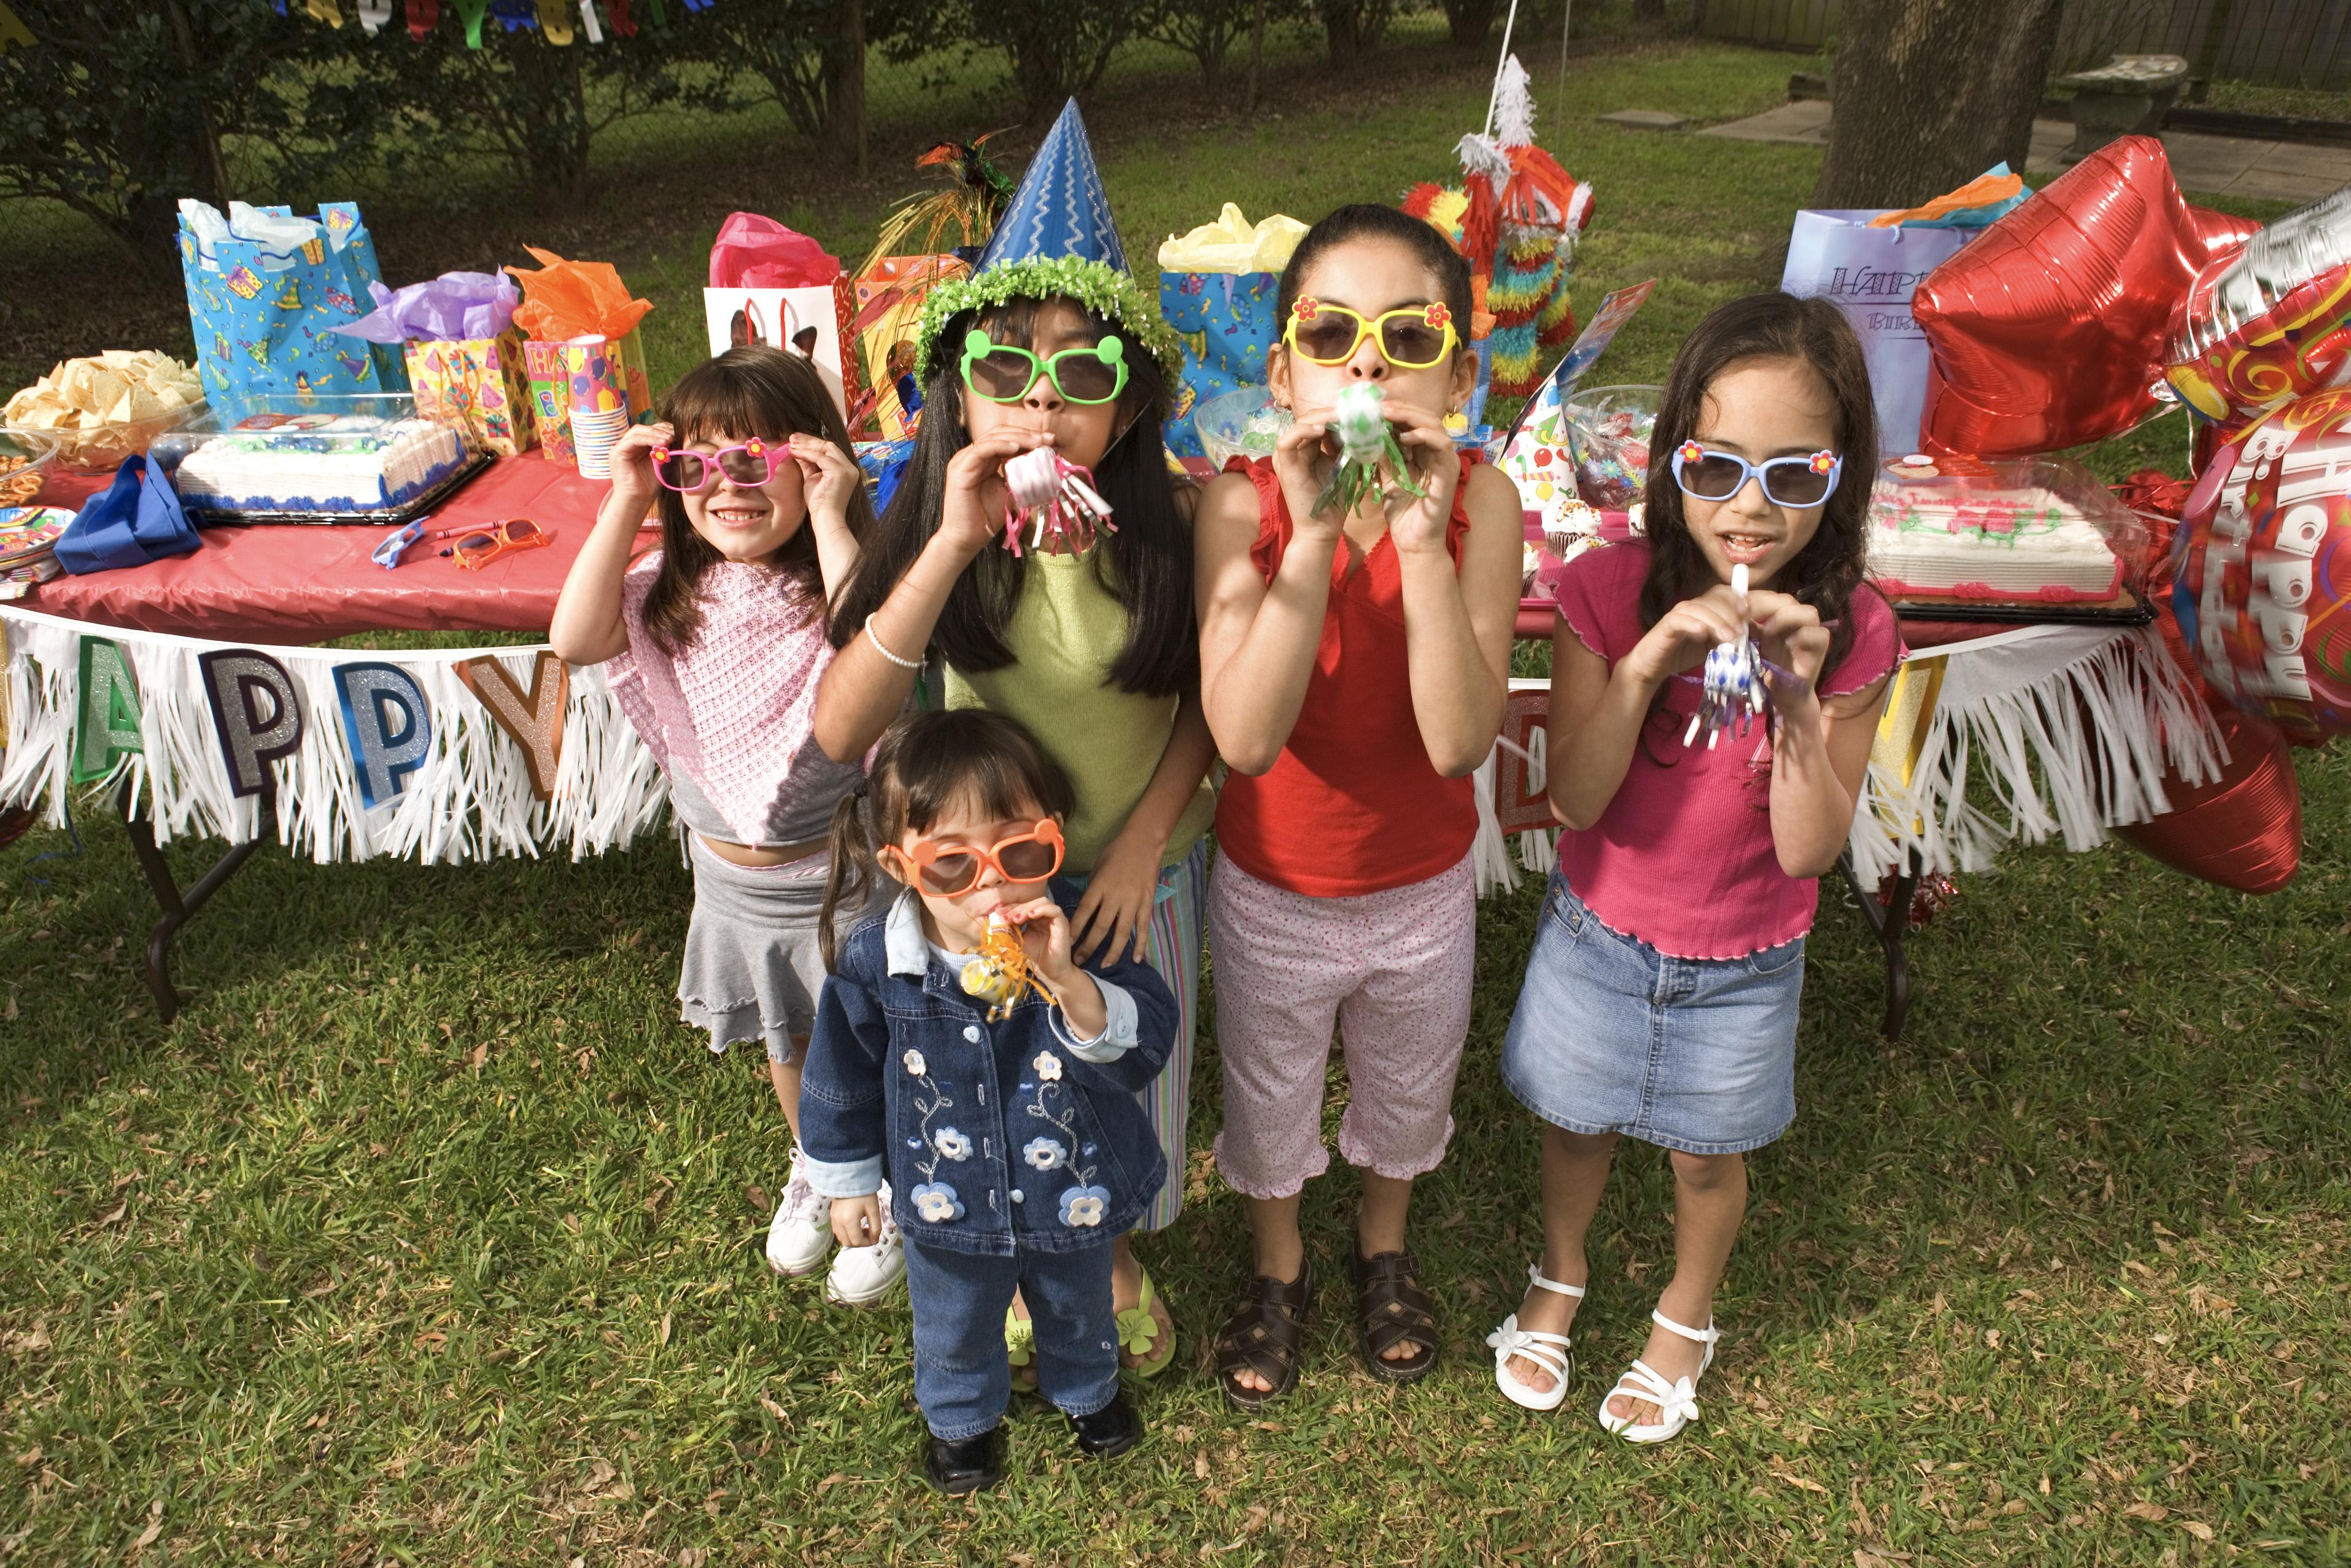 juegos infantiles para fiestas en casa with juegos infantiles para fiestas en casa